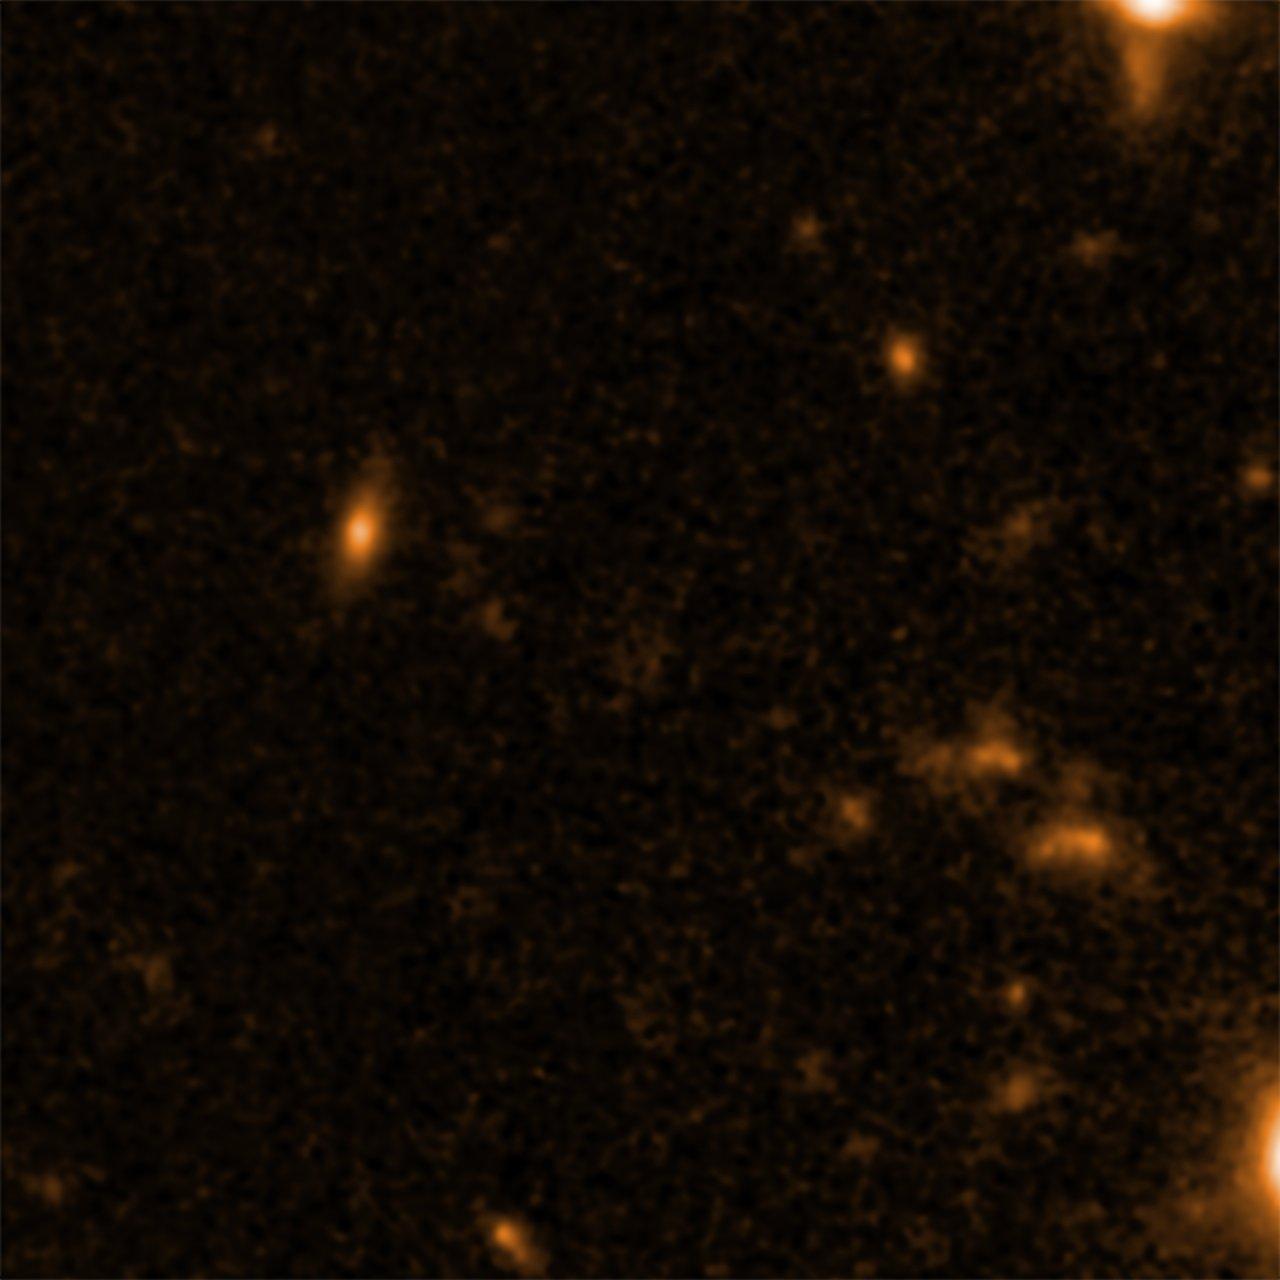 Supermassive graine de trou noir vu par Hubble